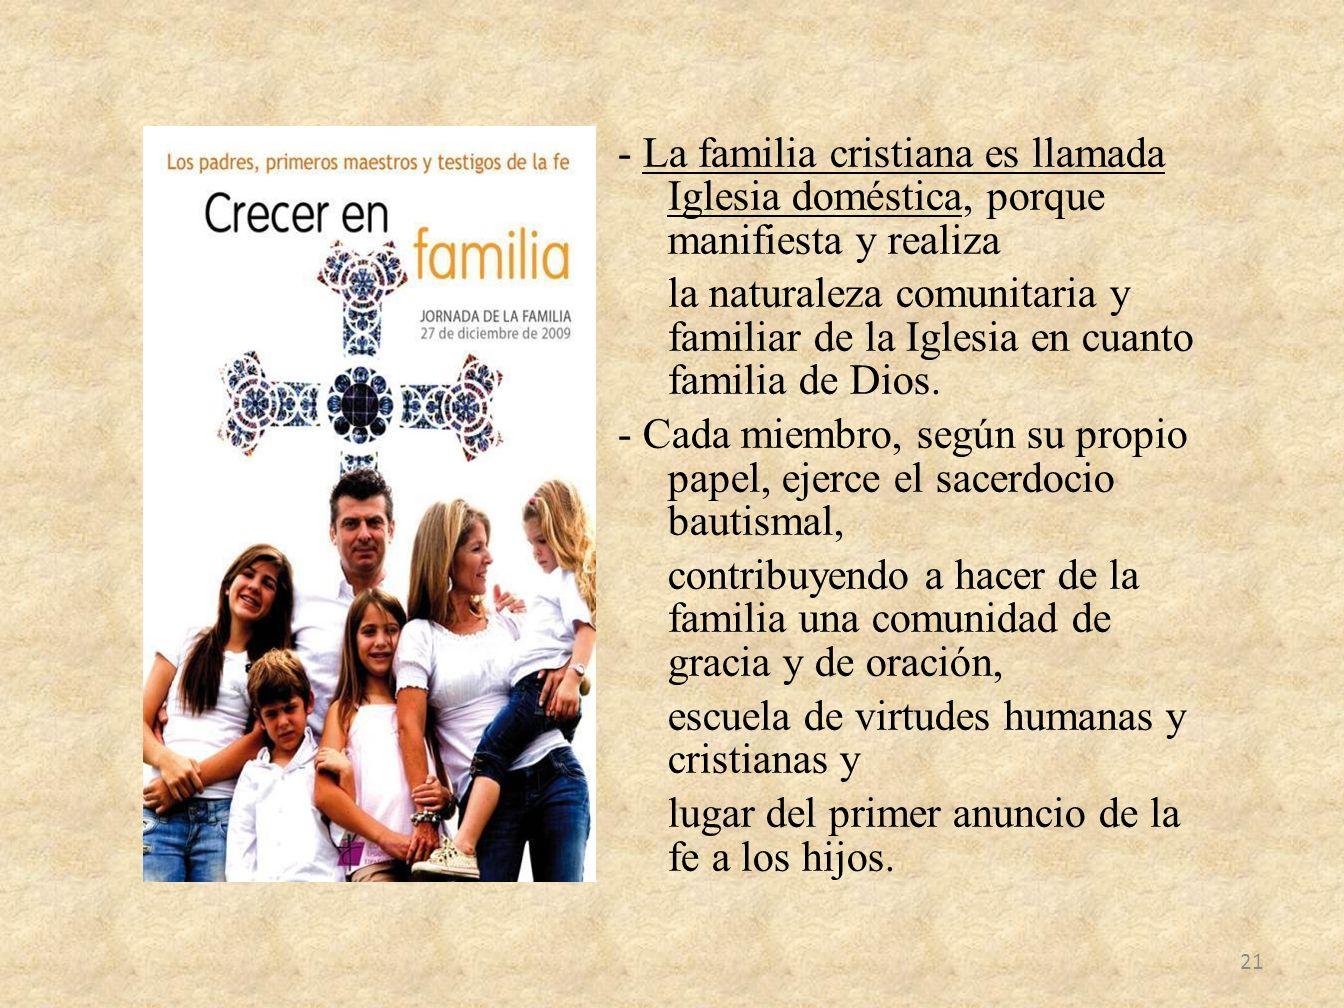 - La familia cristiana es llamada Iglesia doméstica, porque manifiesta y realiza la naturaleza comunitaria y familiar de la Iglesia en cuanto familia de Dios.